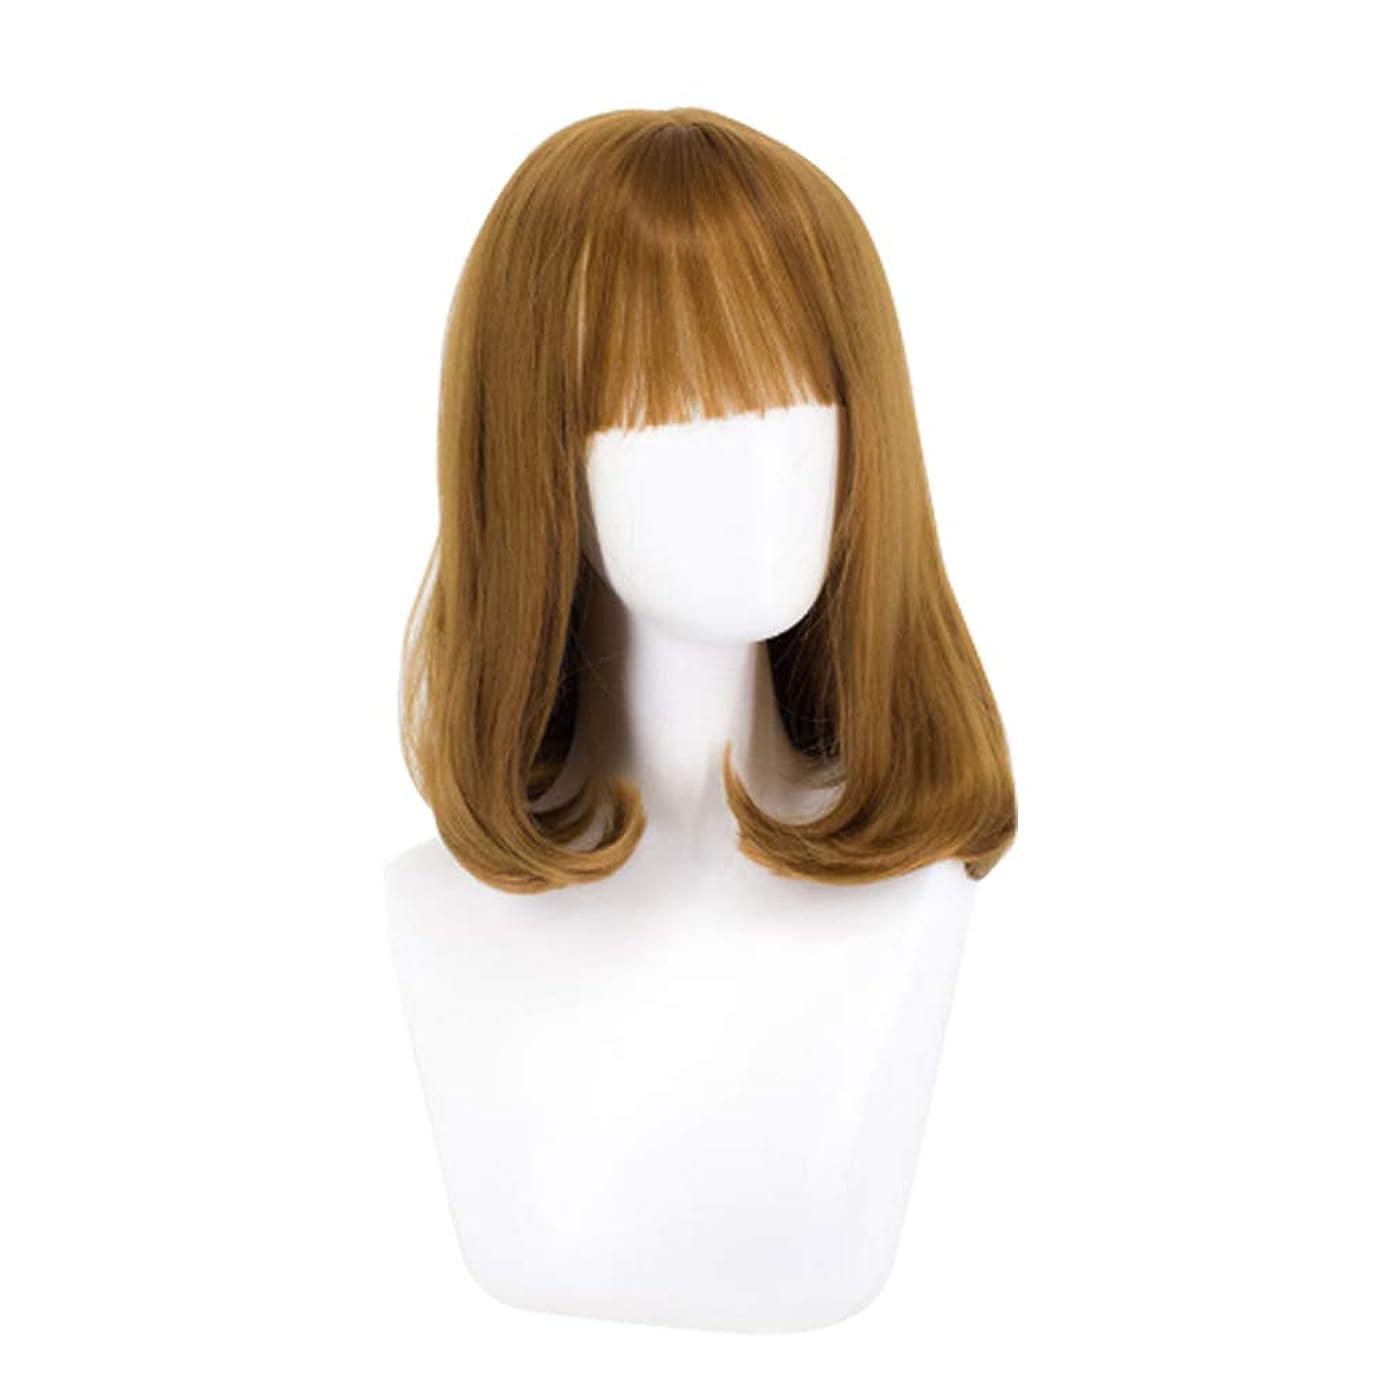 考慮気性最も早いウィッグミディアムロングヘアー女性のためのふわふわウェーブのかかった髪かつら自然に見える耐熱性のある合成ファッションウィッグミディアムロングヘアーカーリーかつら,Yellow